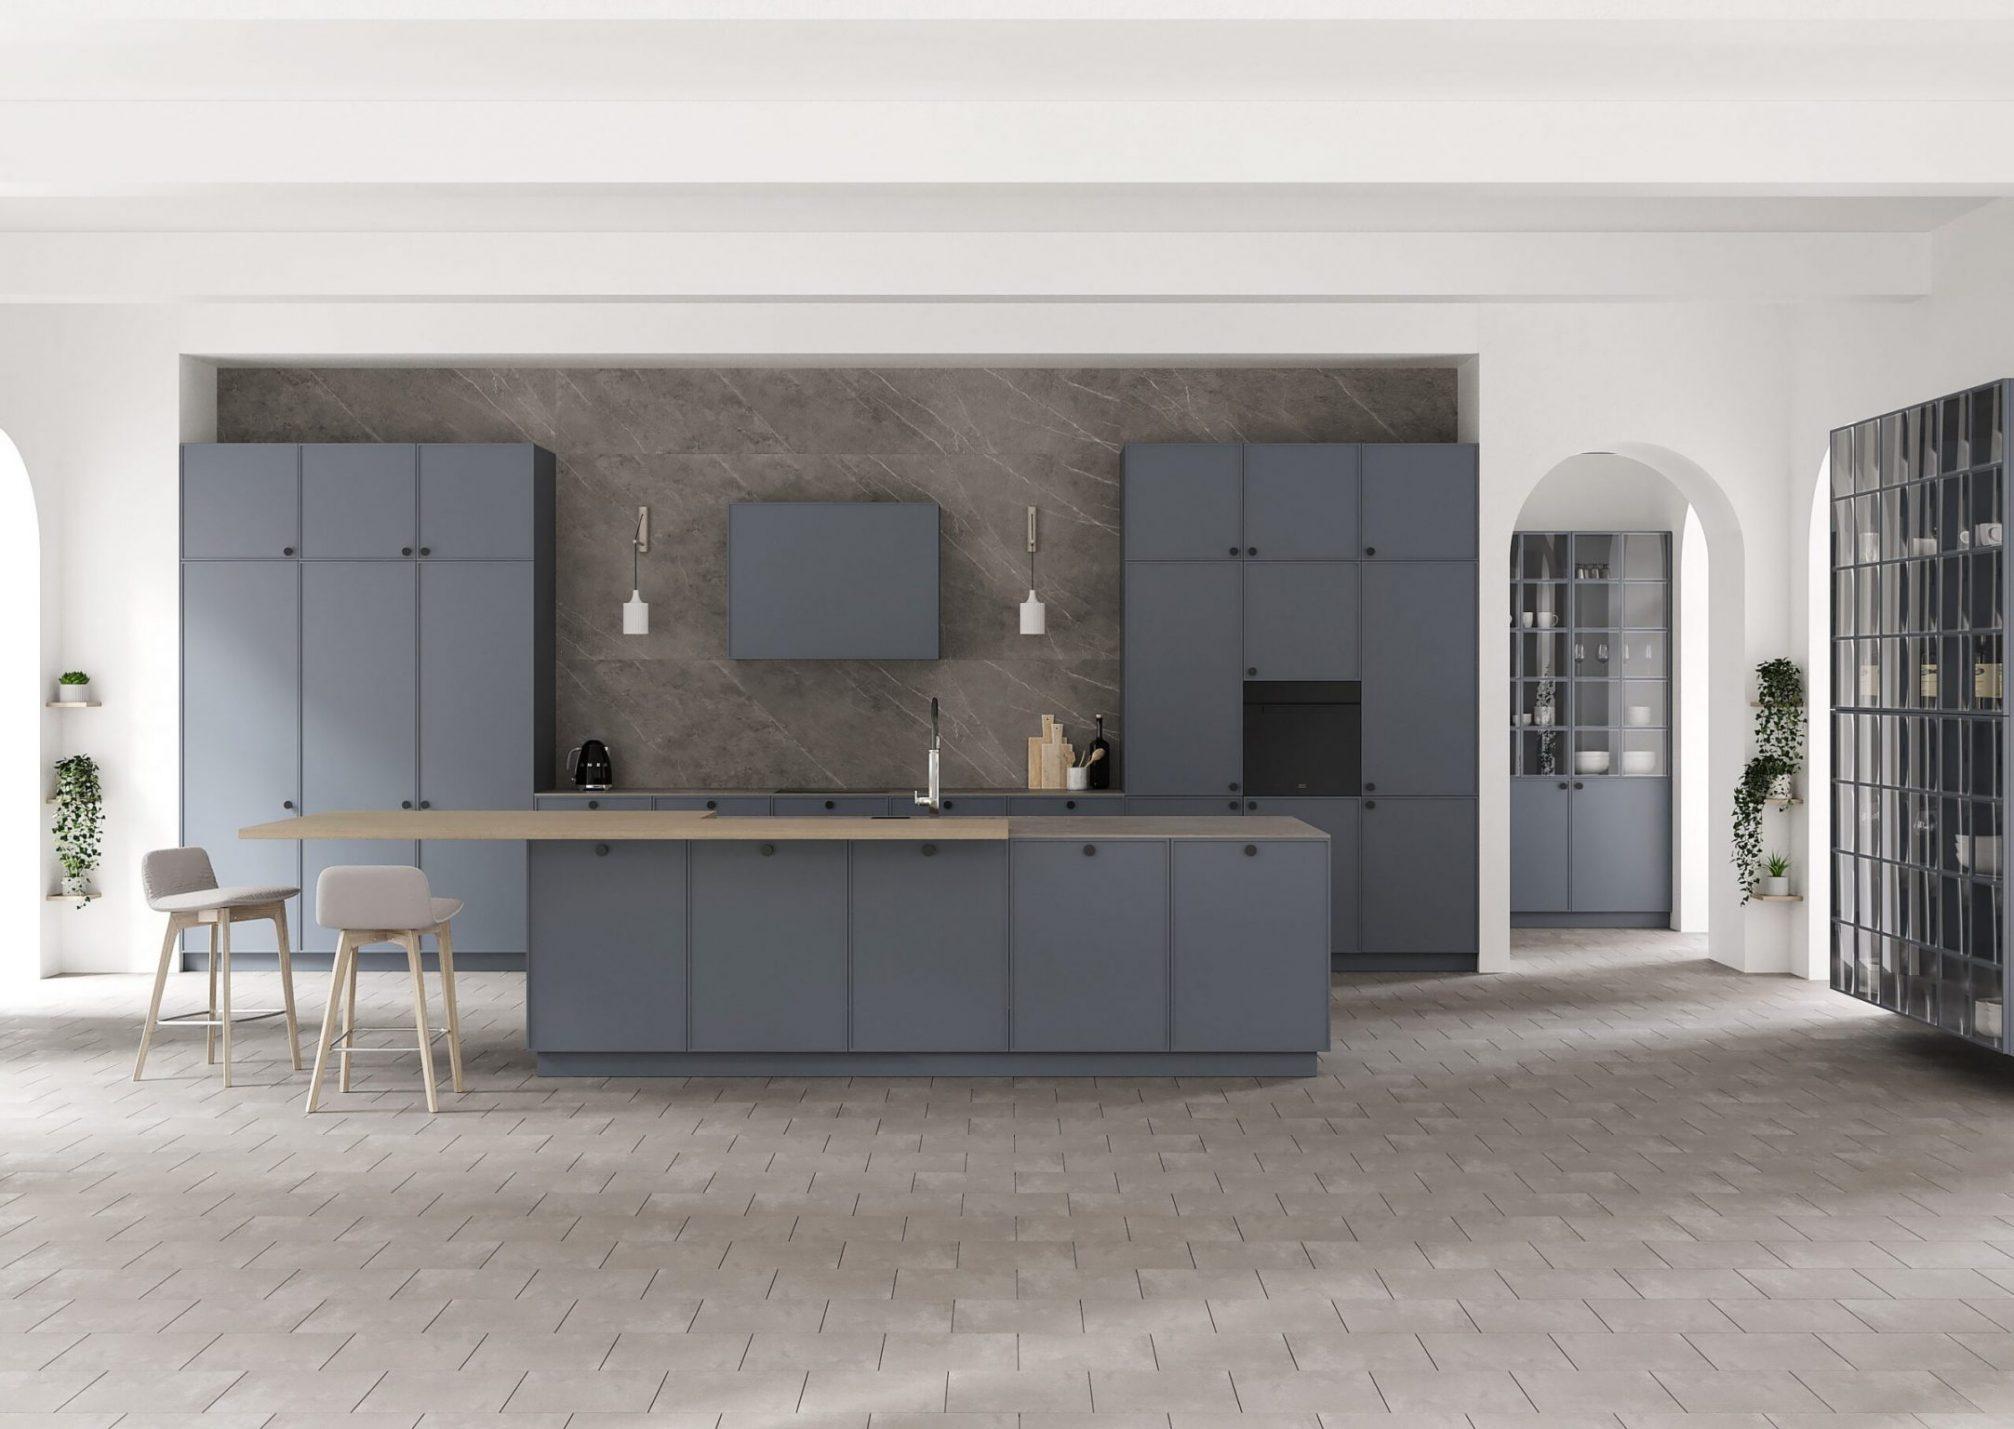 kitchen_studio_twelve_12-scaled